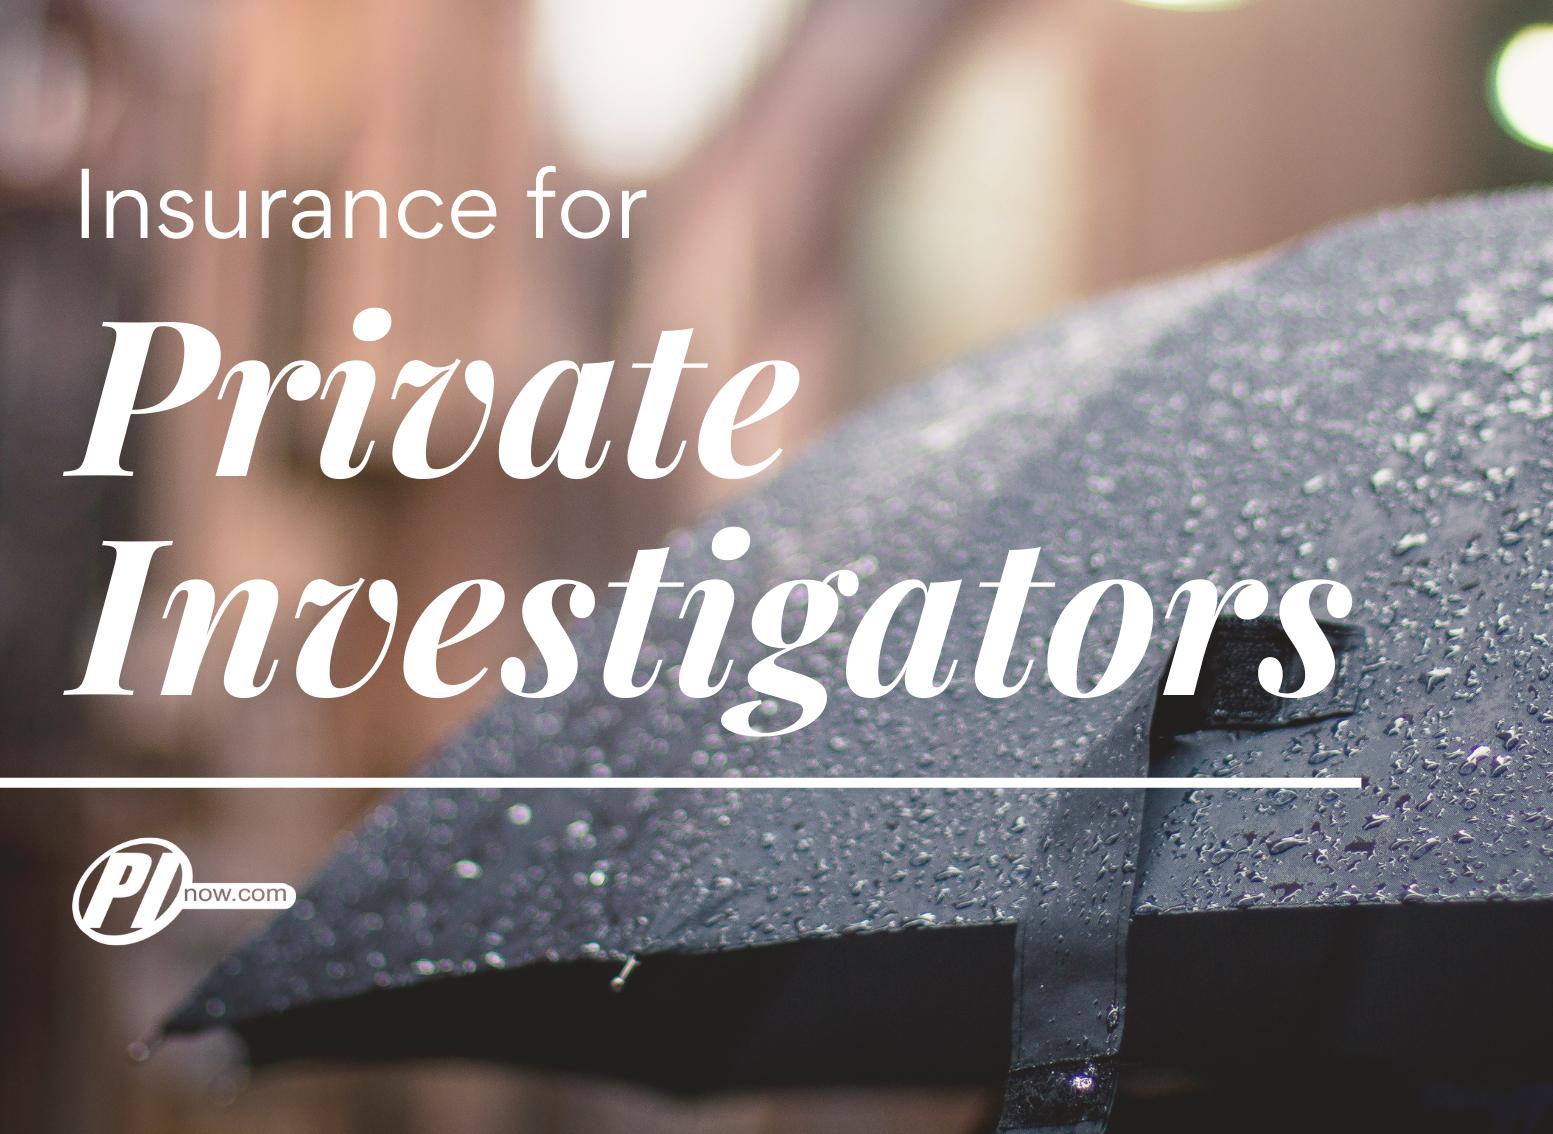 Insurance for Private Investigators